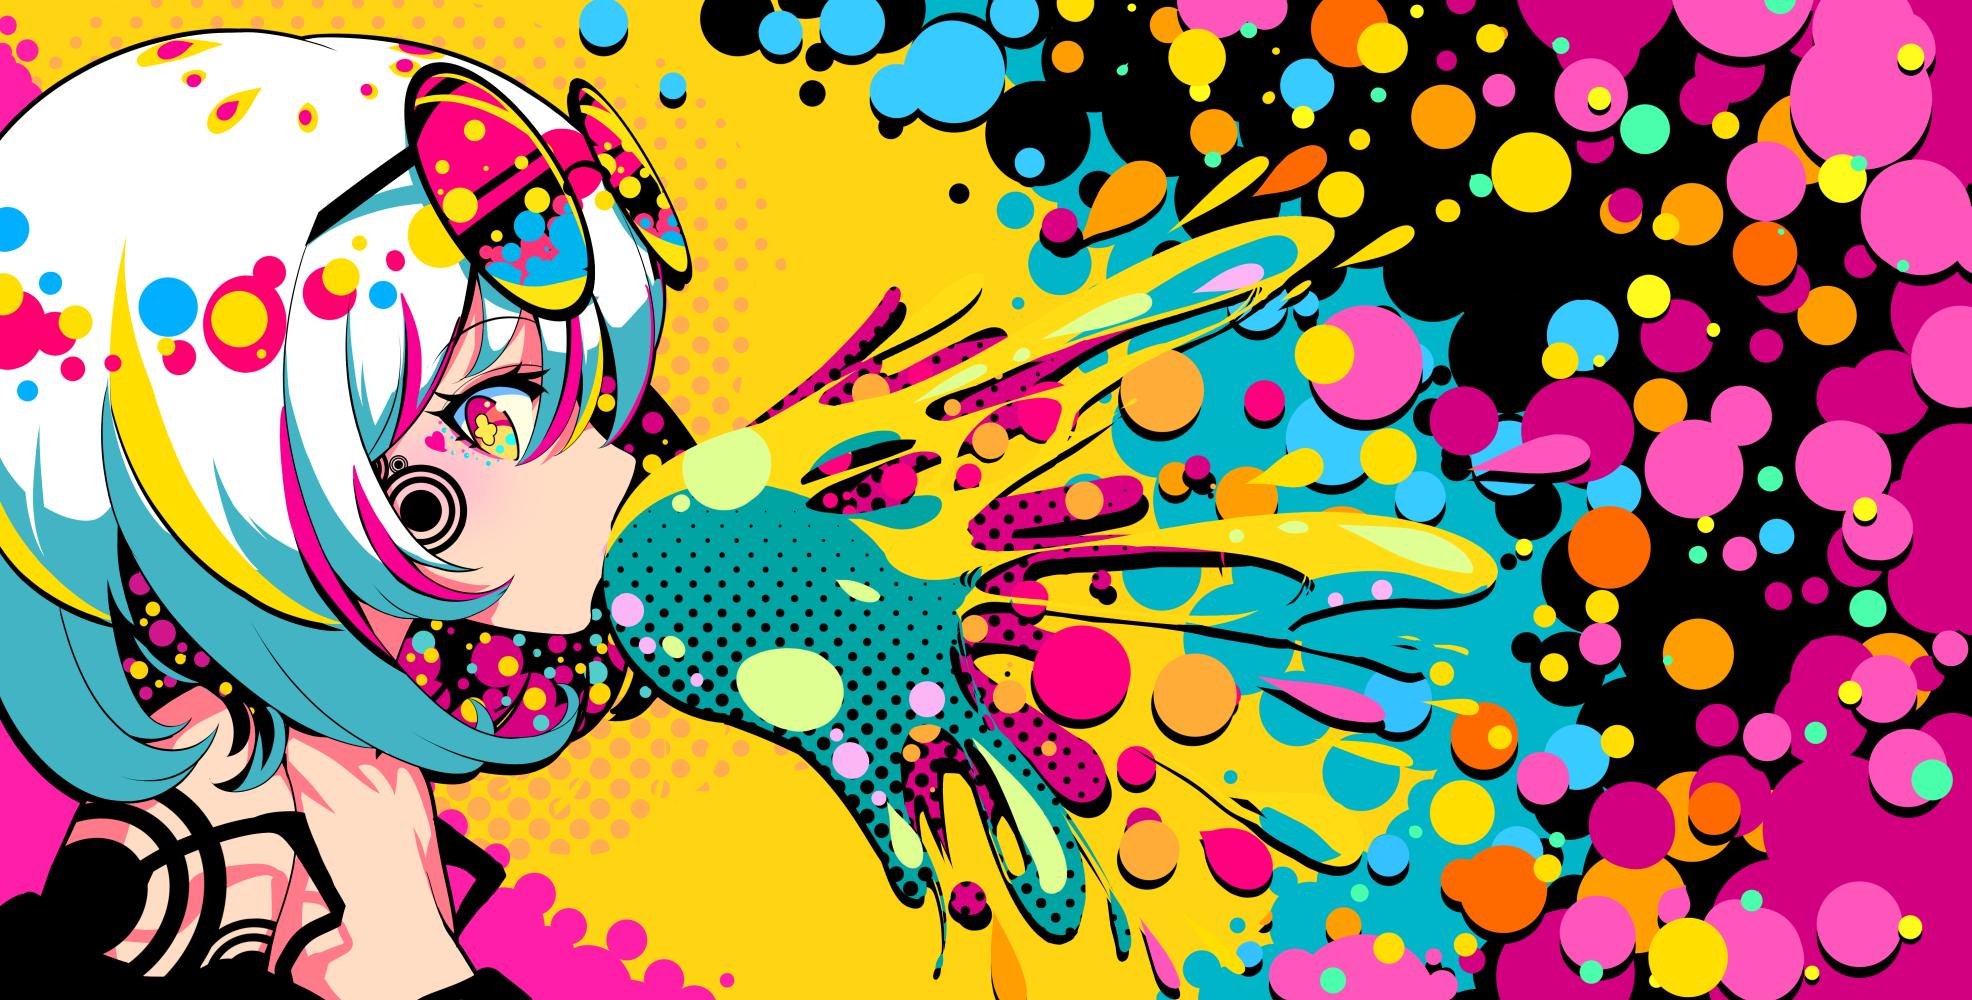 Art ID: 131852